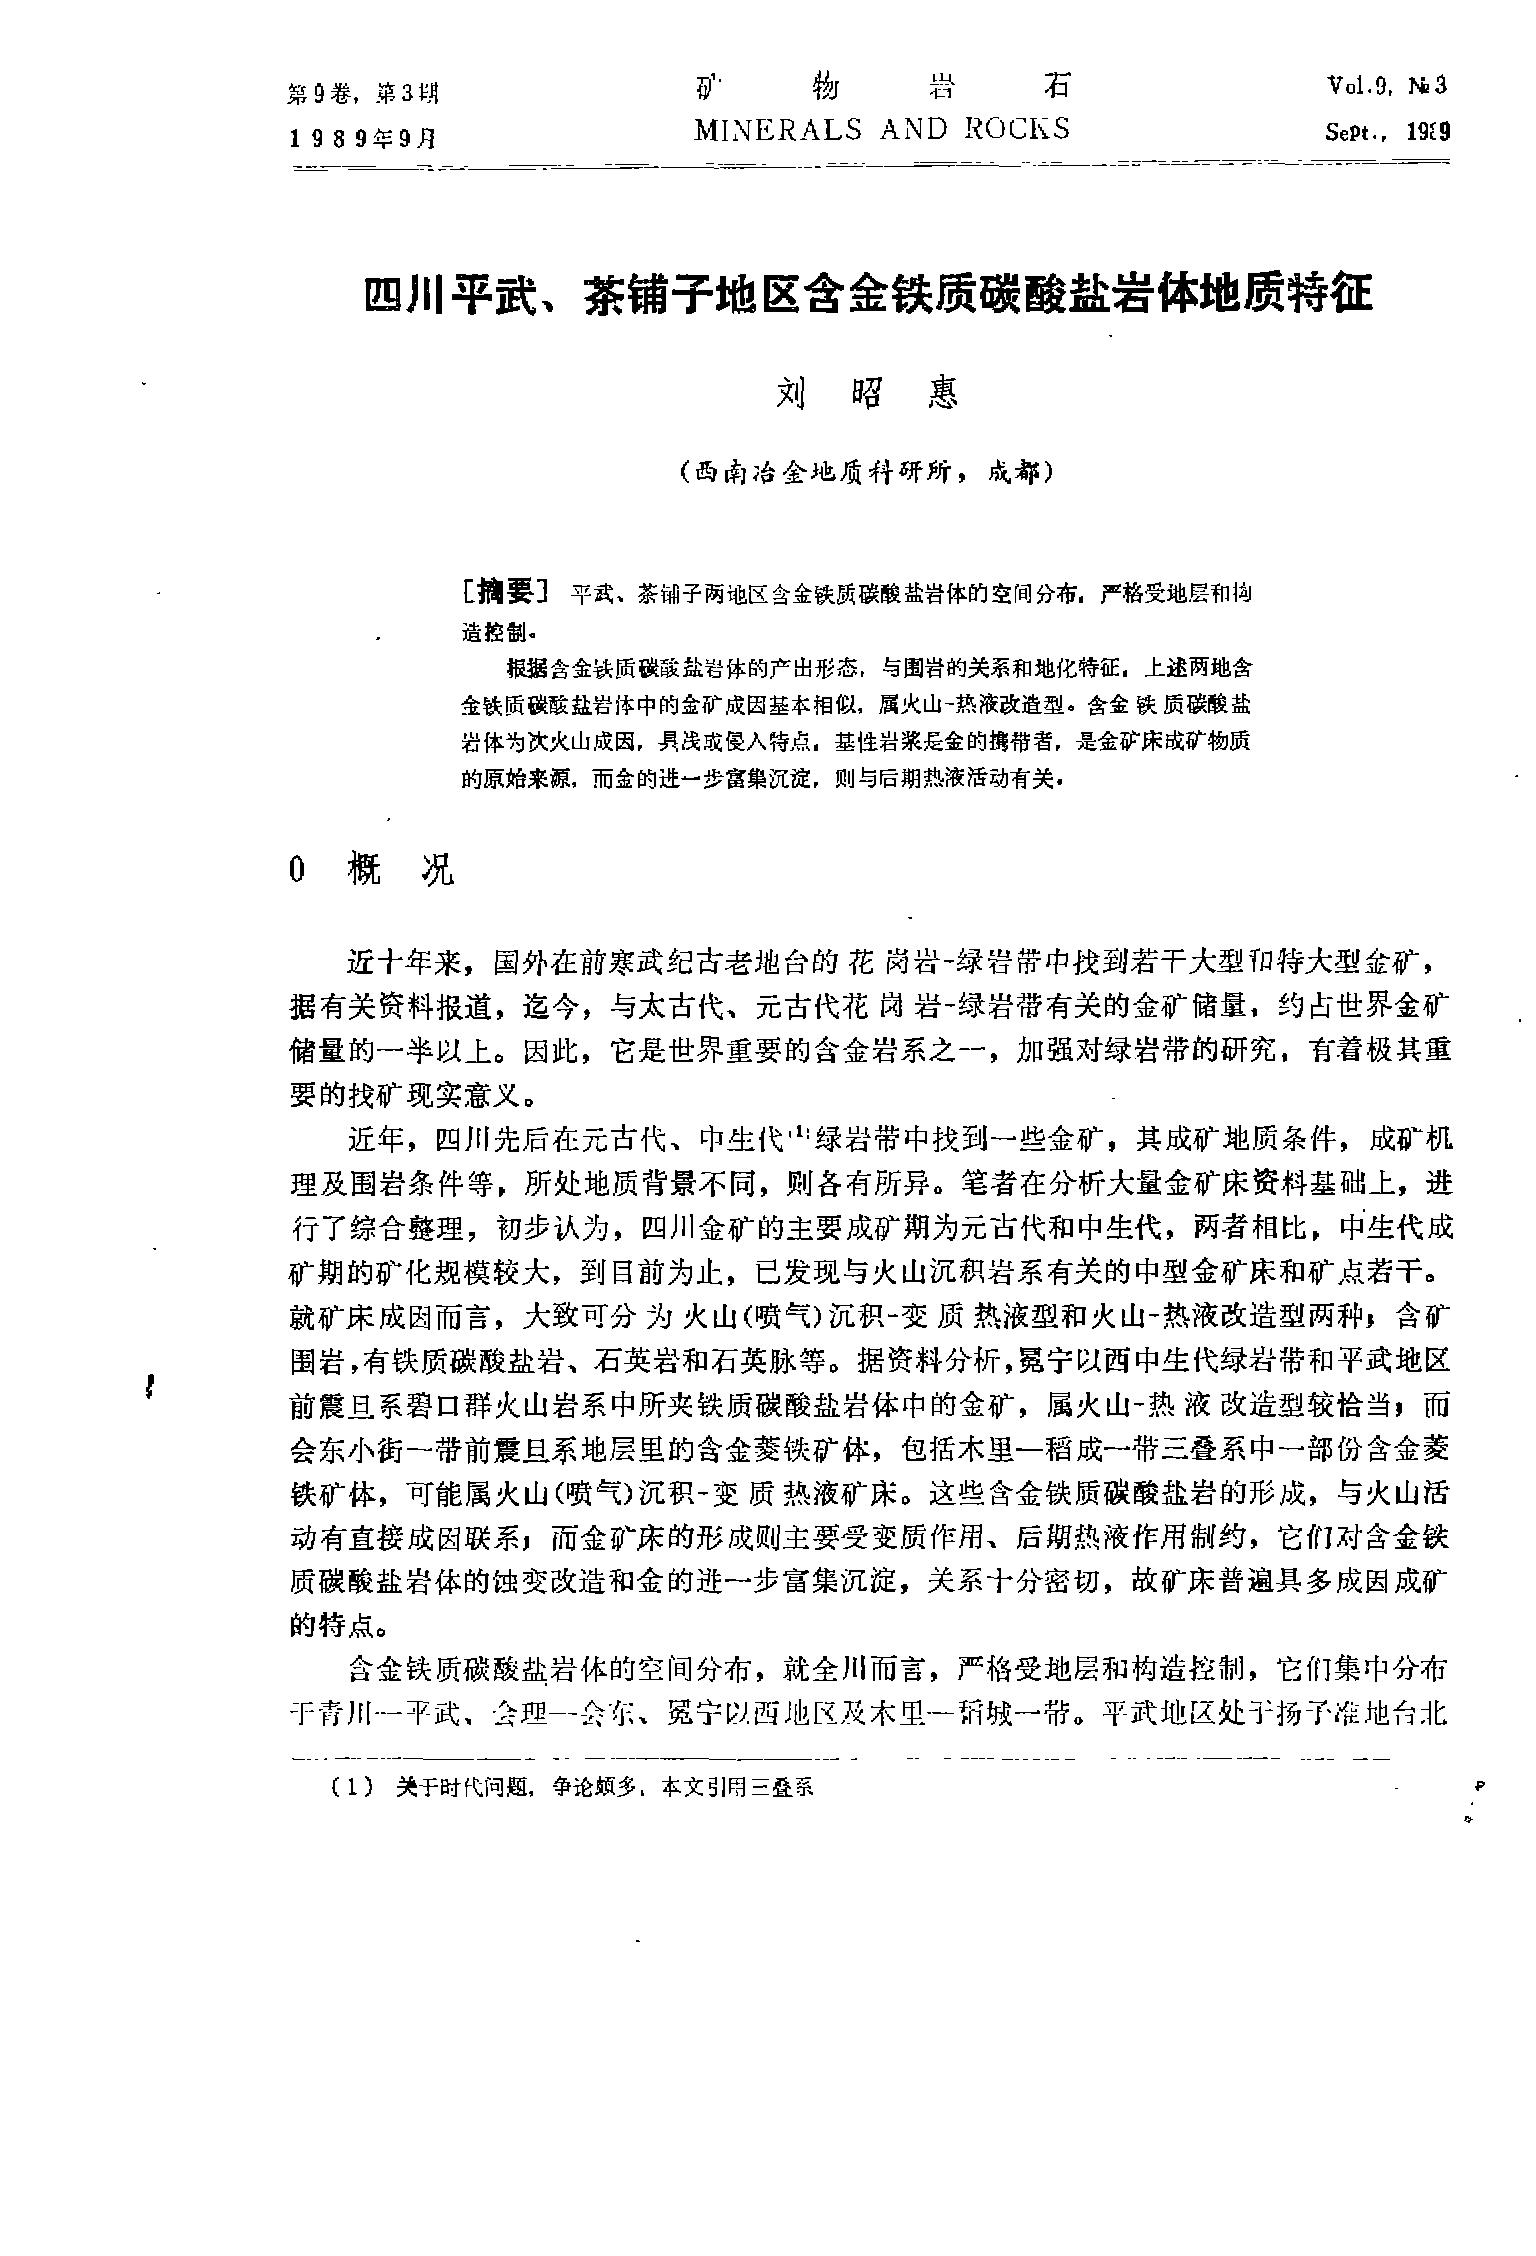 四川平武,茶铺子地区含金铁质碳酸盐岩体地质特征